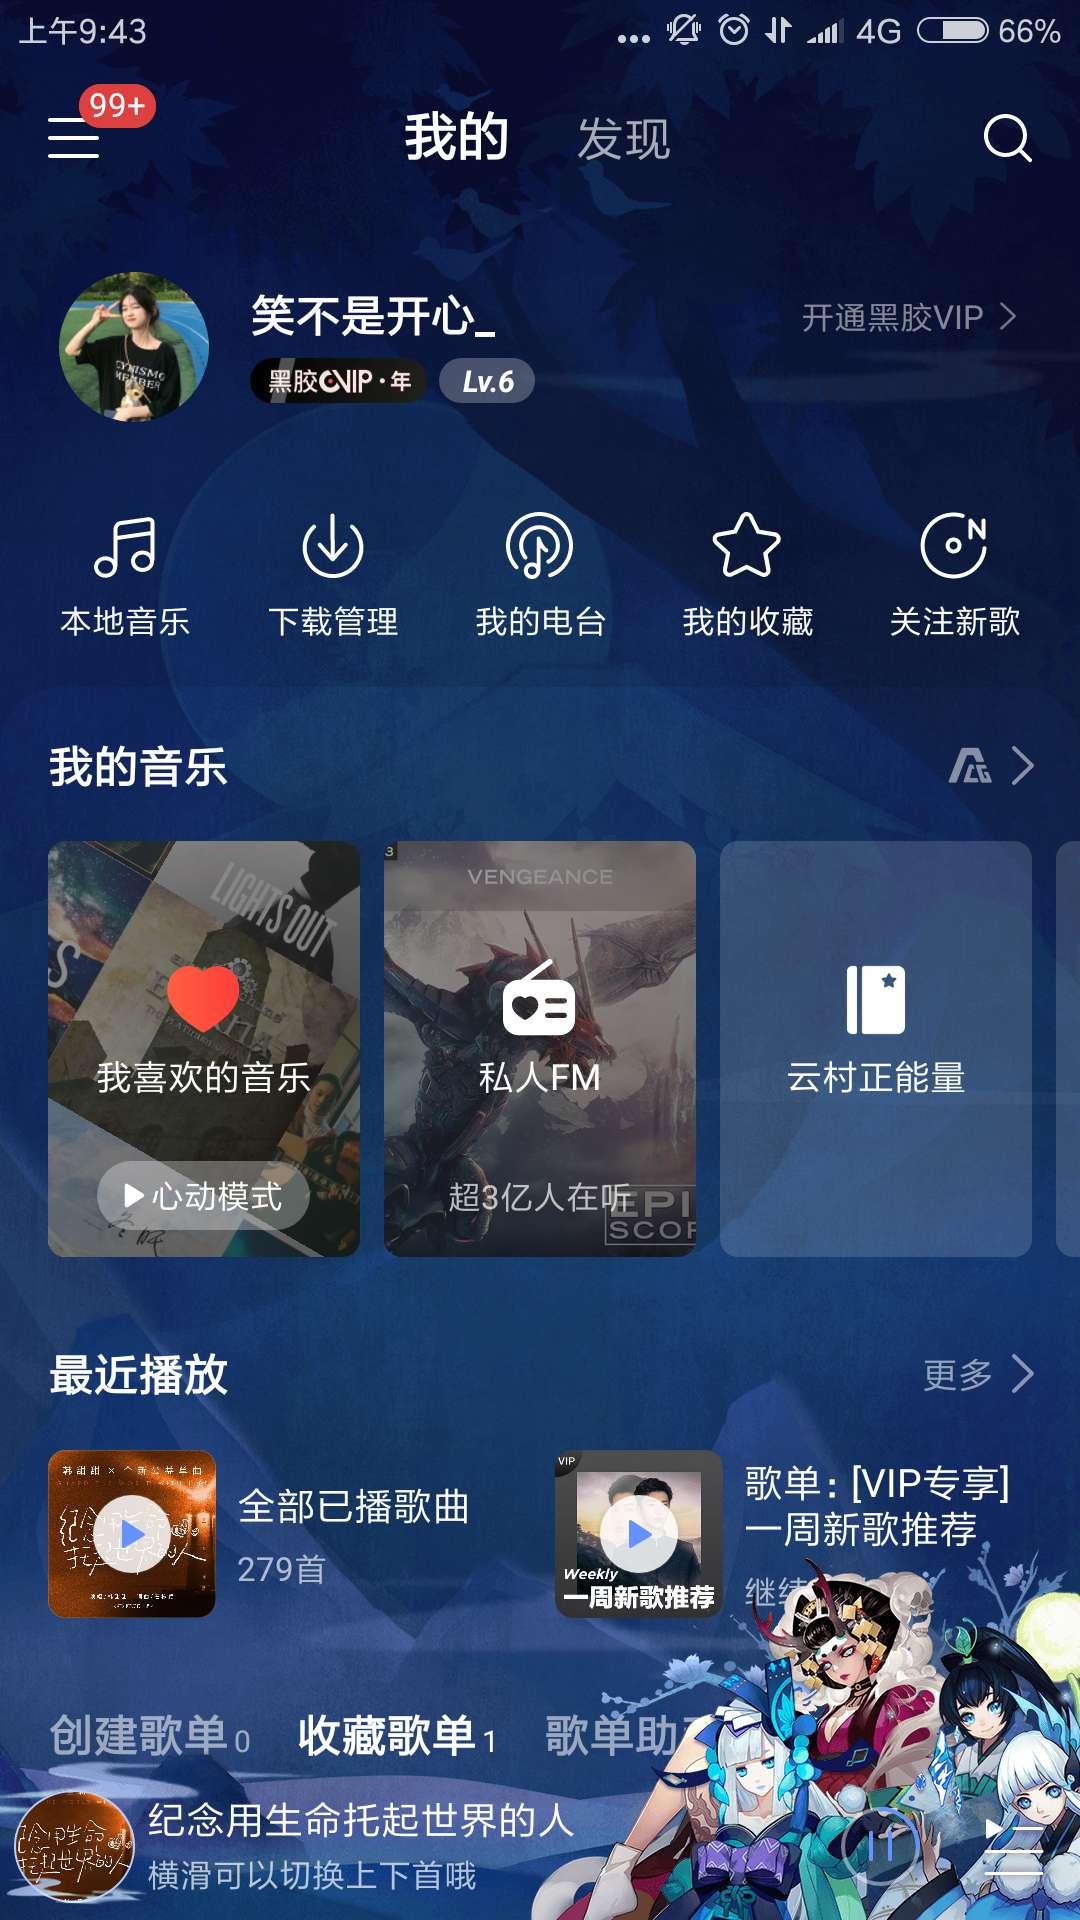 【分享】网易云音乐_年费黑椒版,可用皮肤/音效/切换音质!!